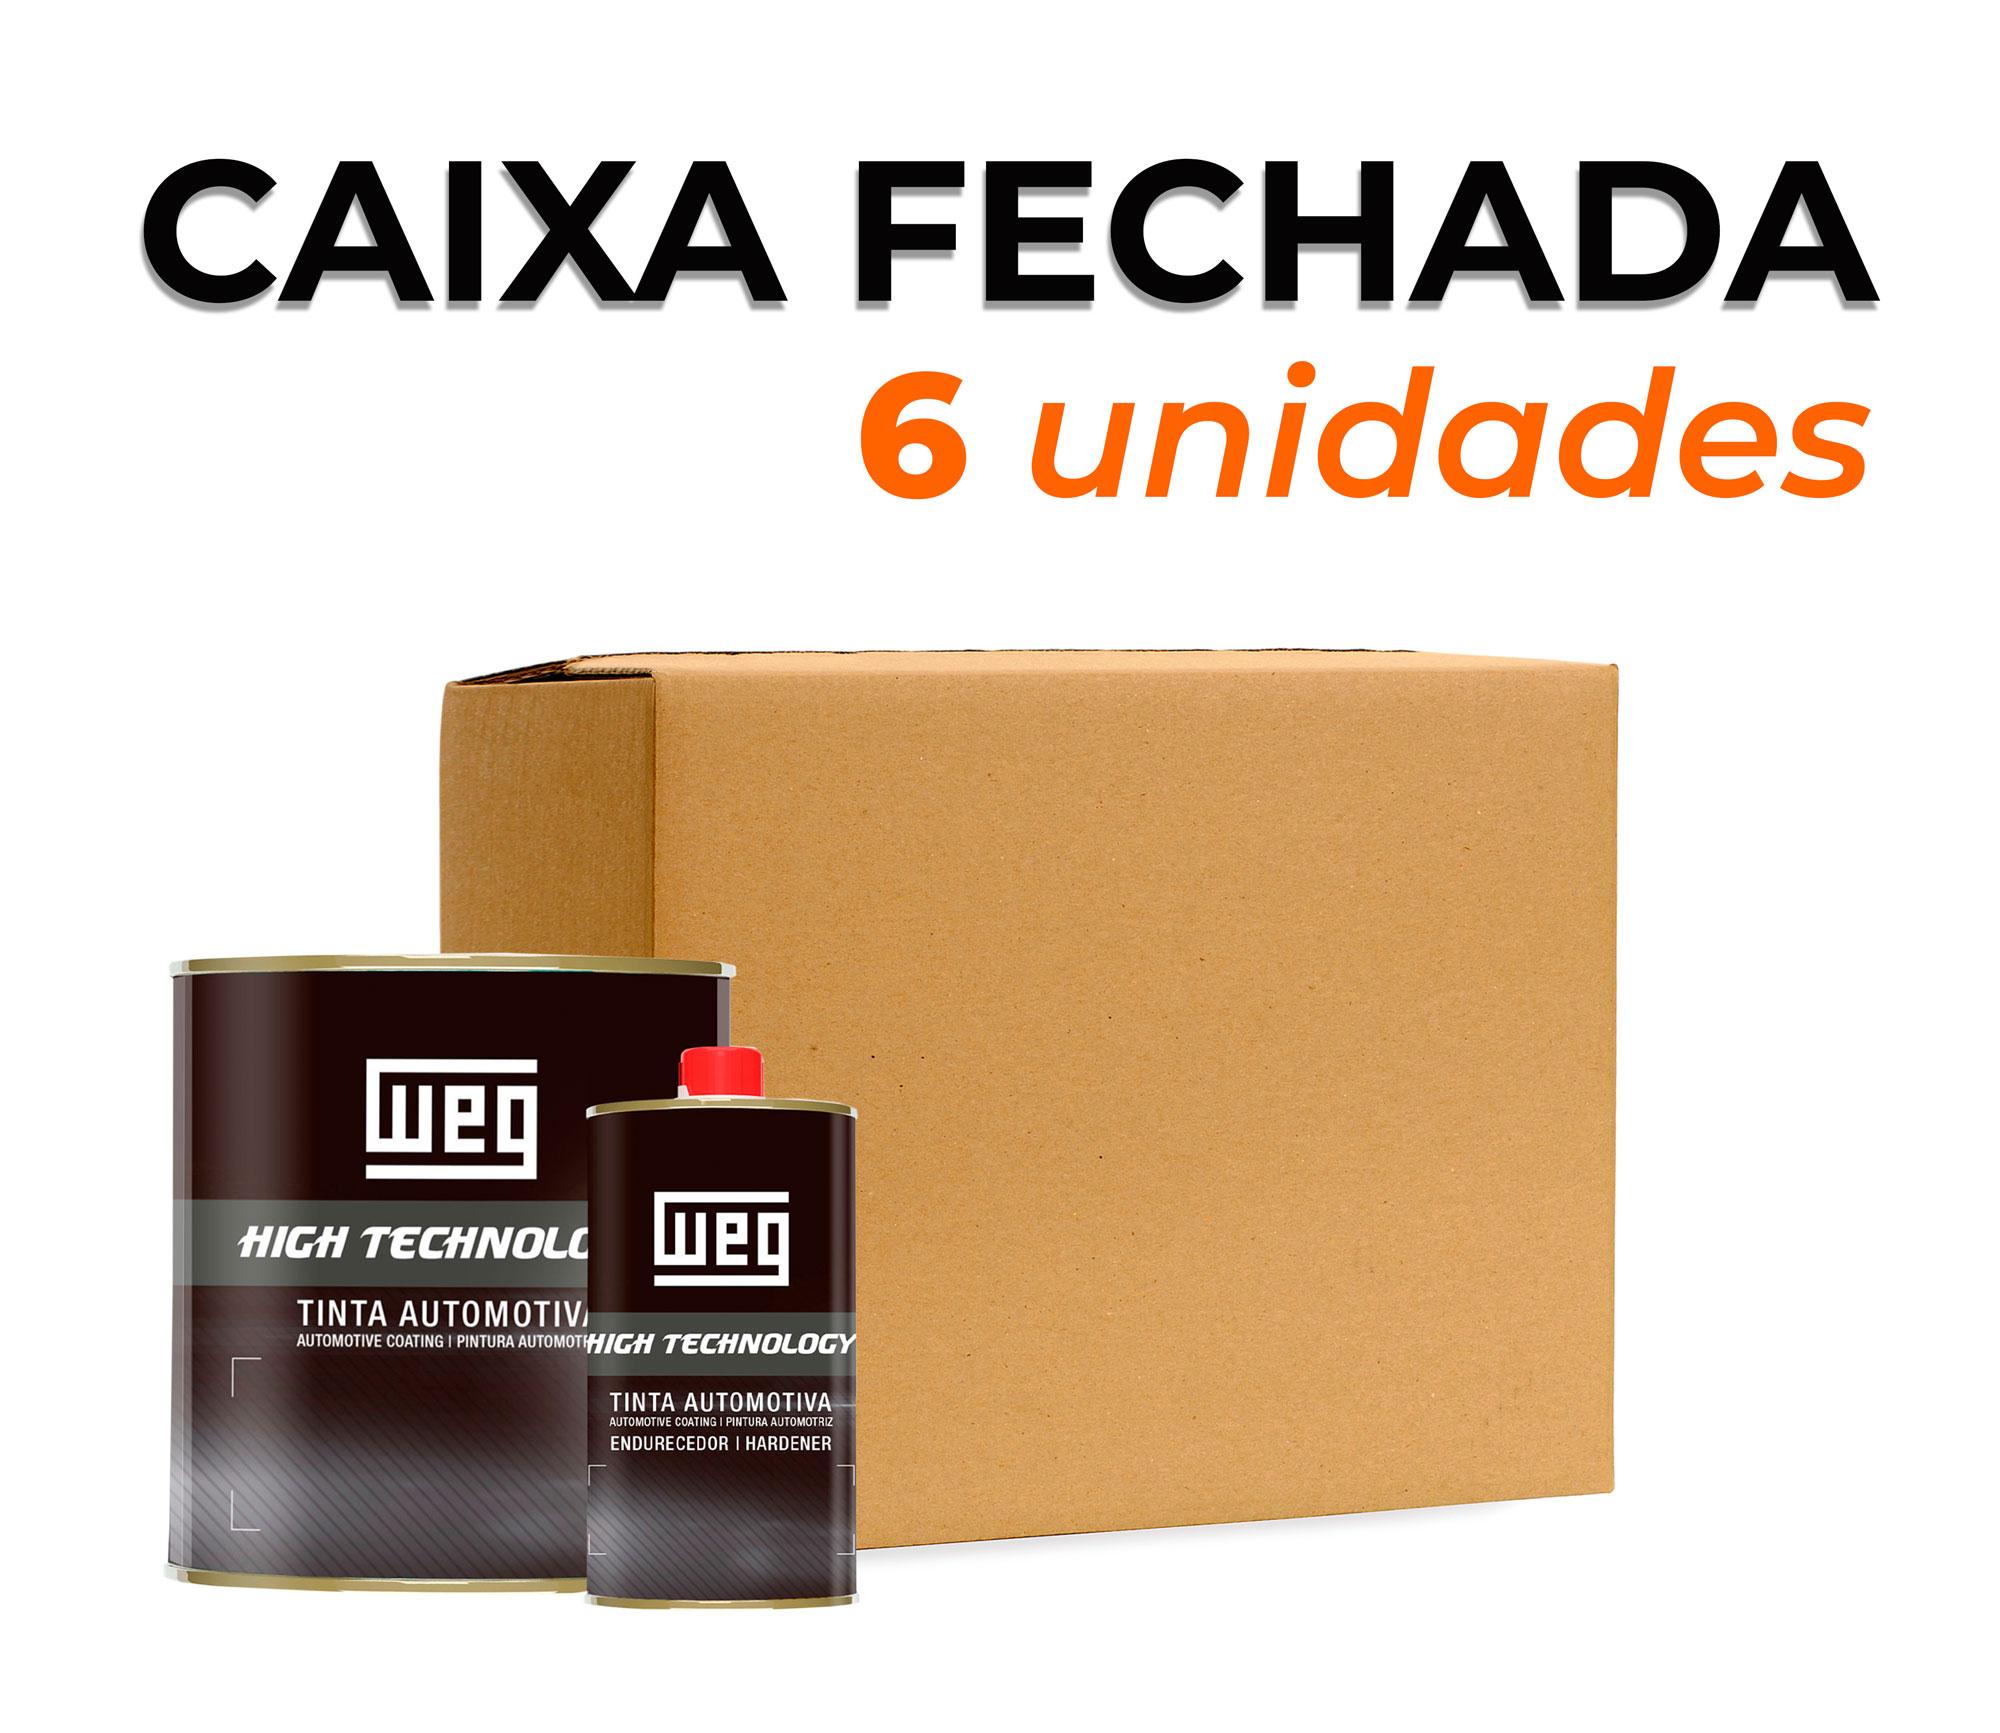 CAIXA DE VERNIZ W50 900 ml + CATALISADOR INTERMEDIÁRIO 450 ml